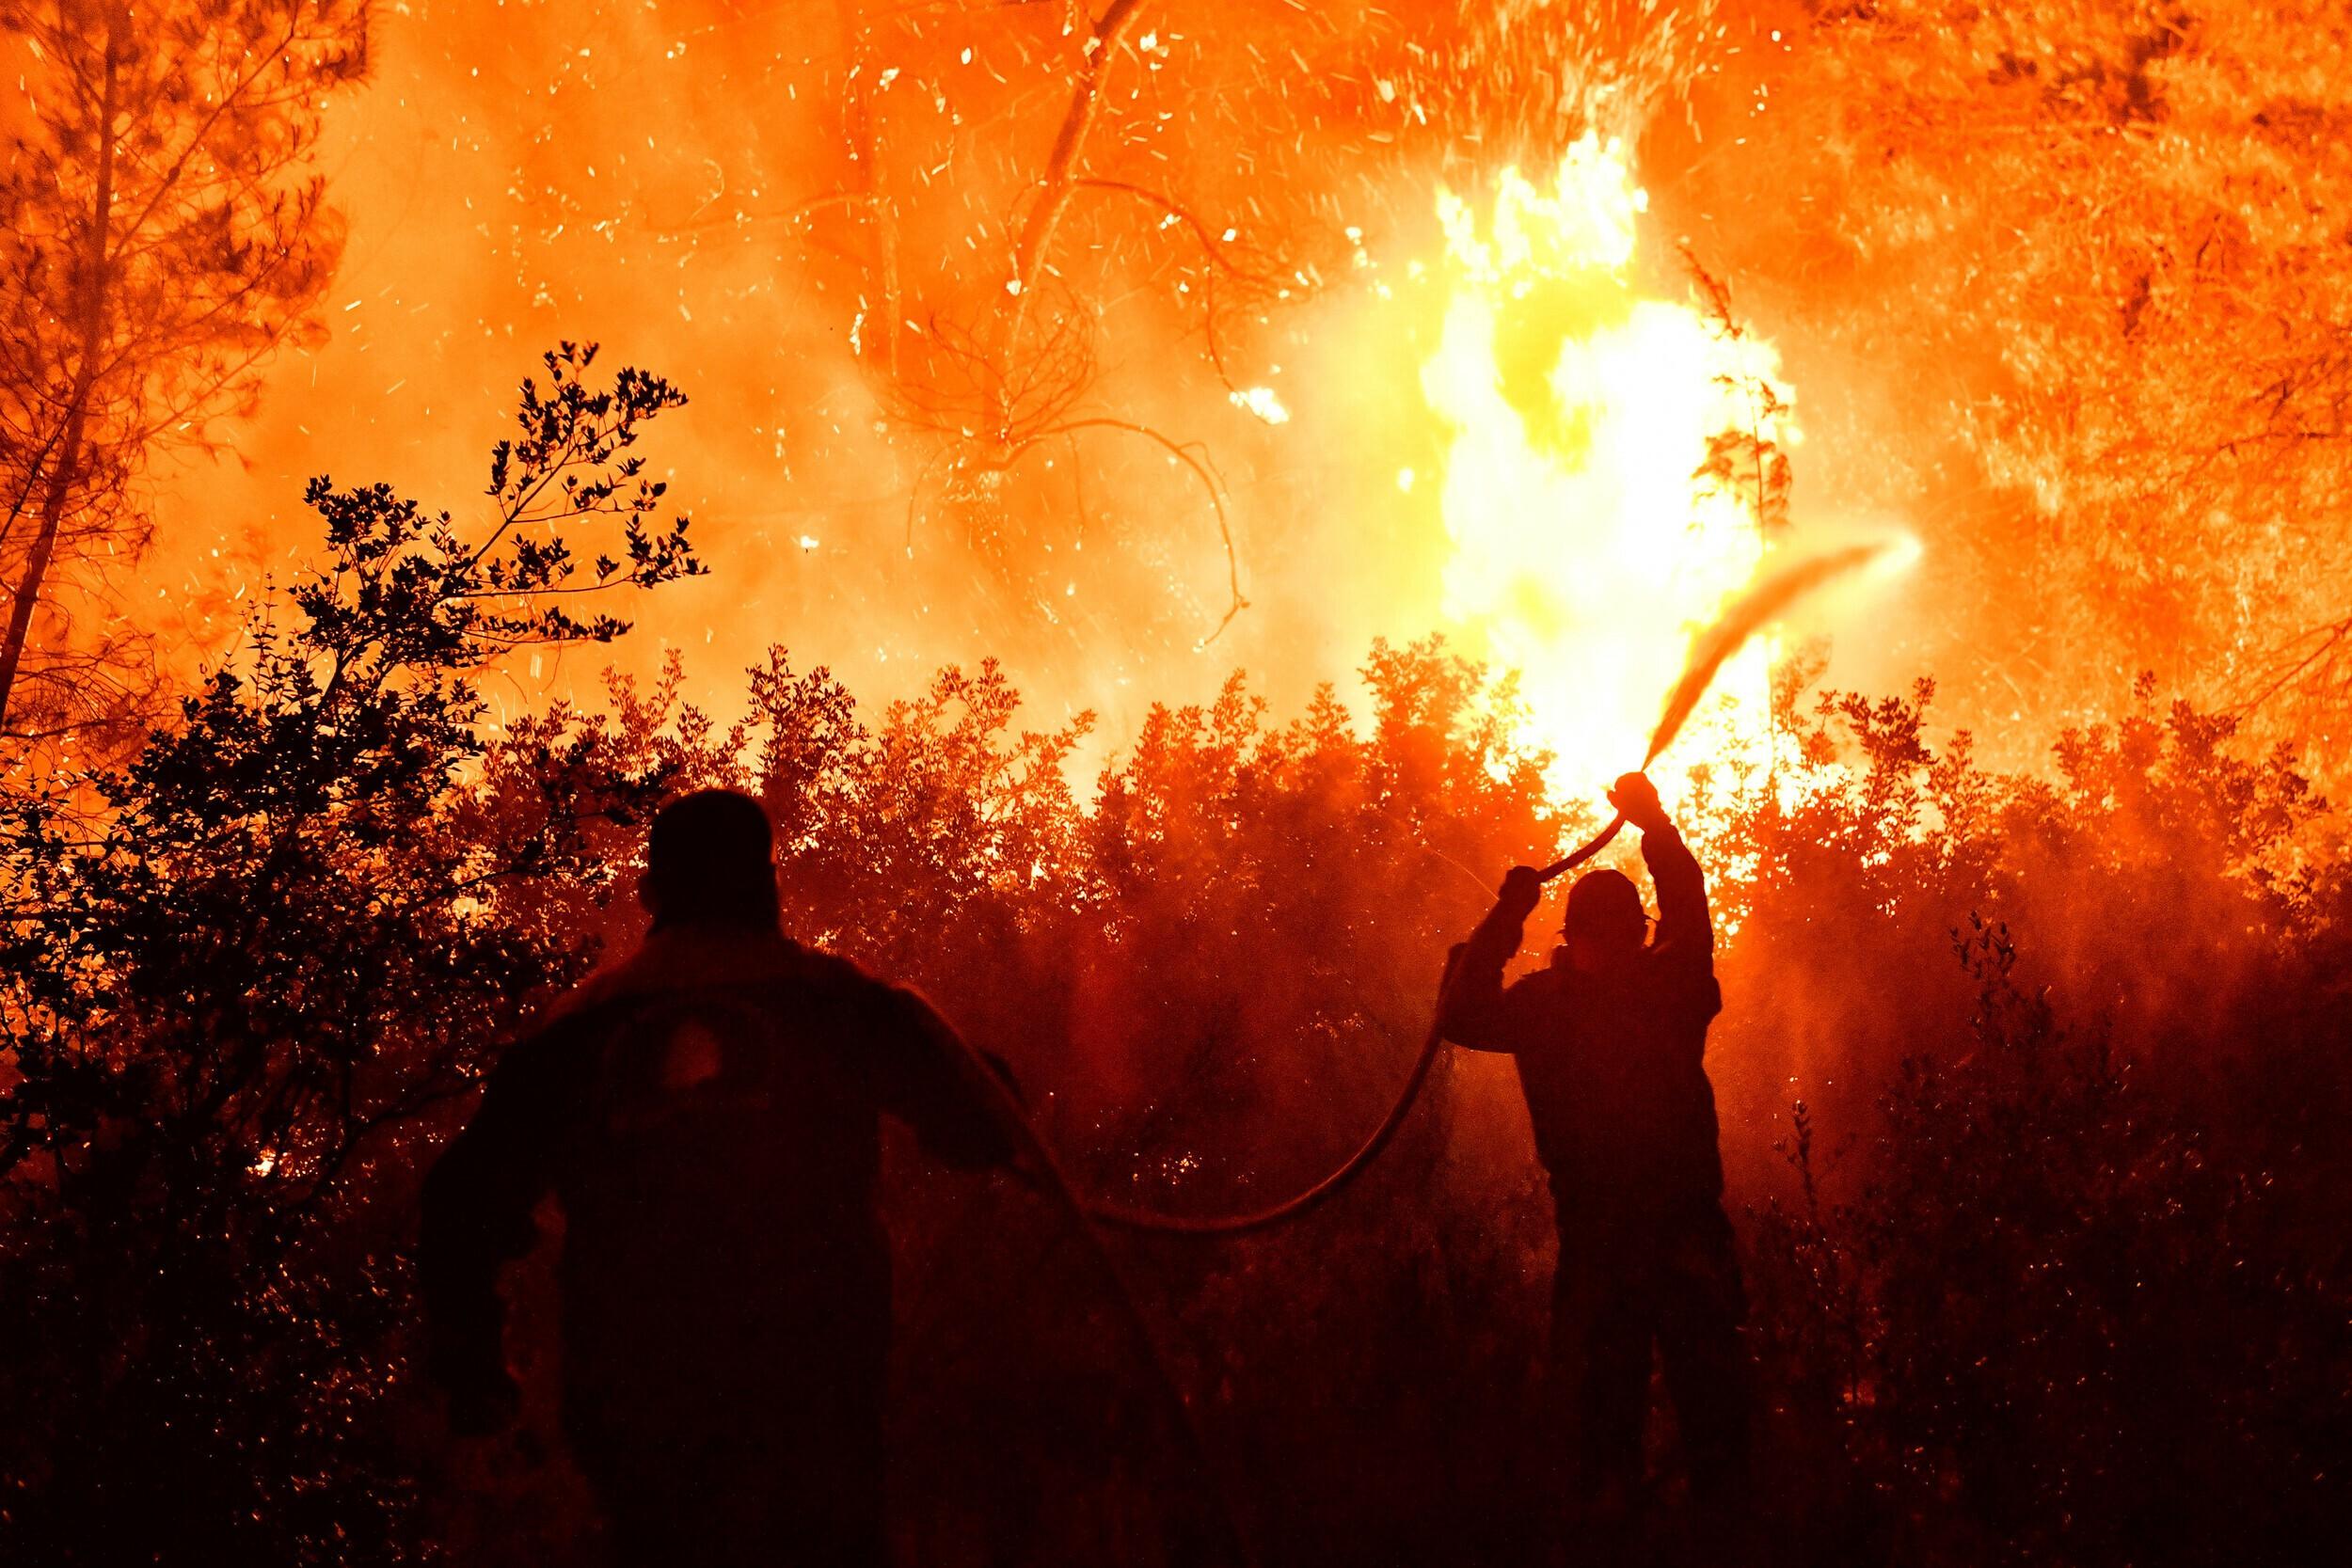 Ηράκλειο: Νυχτερινή πυρκαγιά σε χορτολιβαδική έκταση